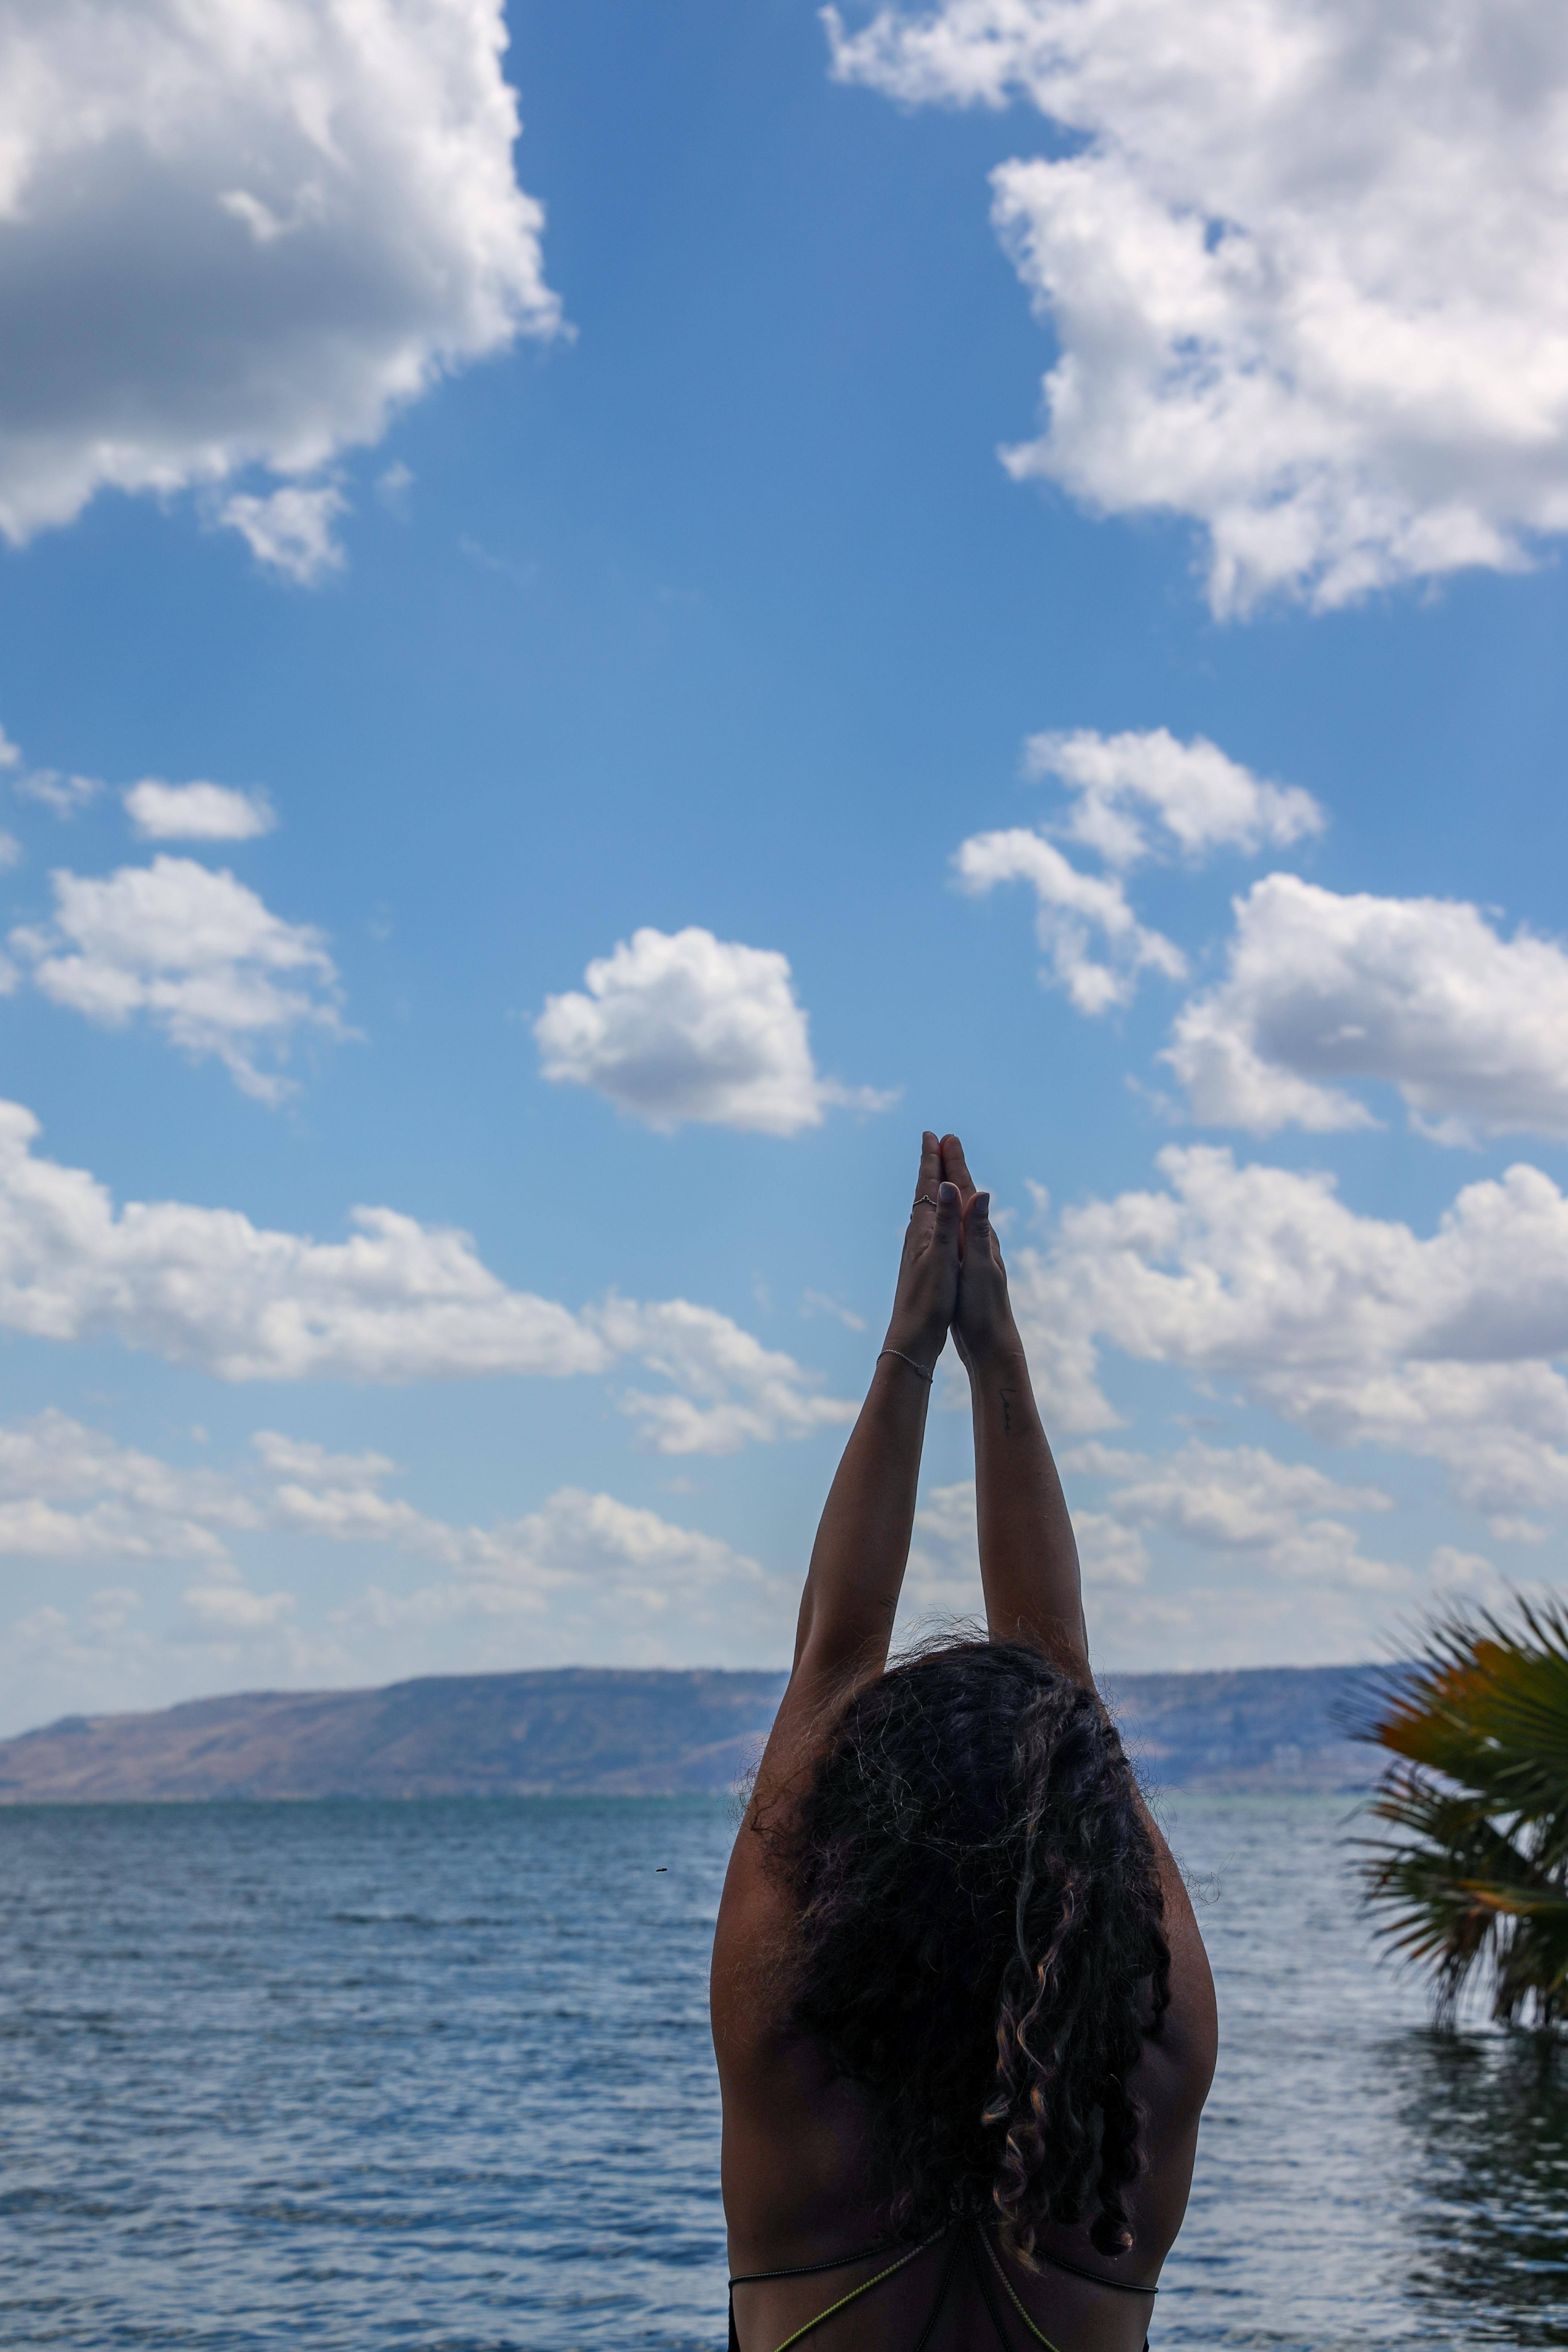 Meditation @sea of Galilee, Israel